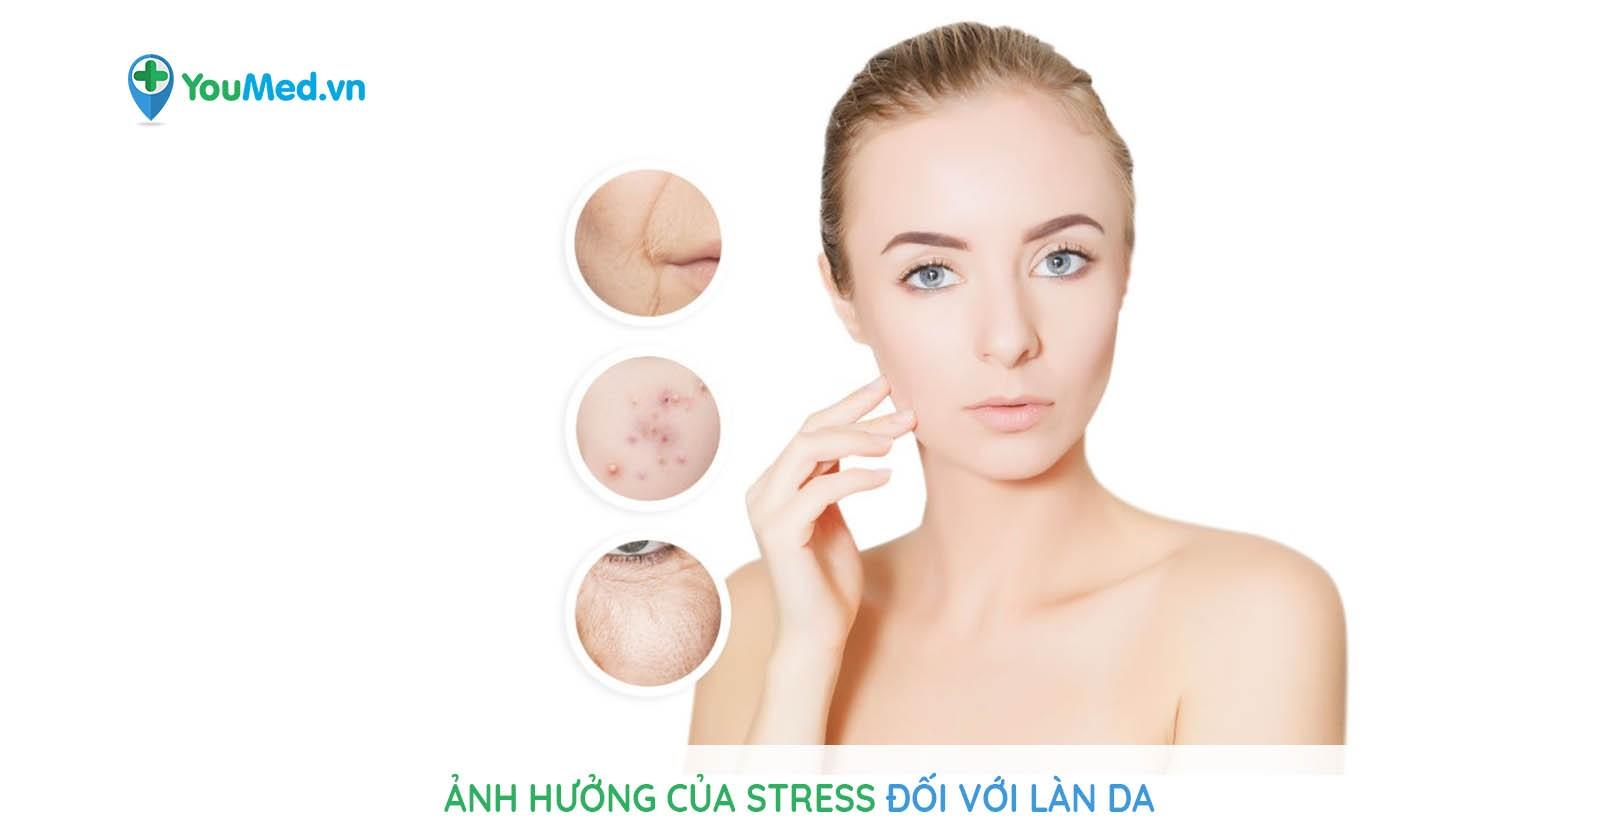 Ảnh hưởng của stress đối với làn da